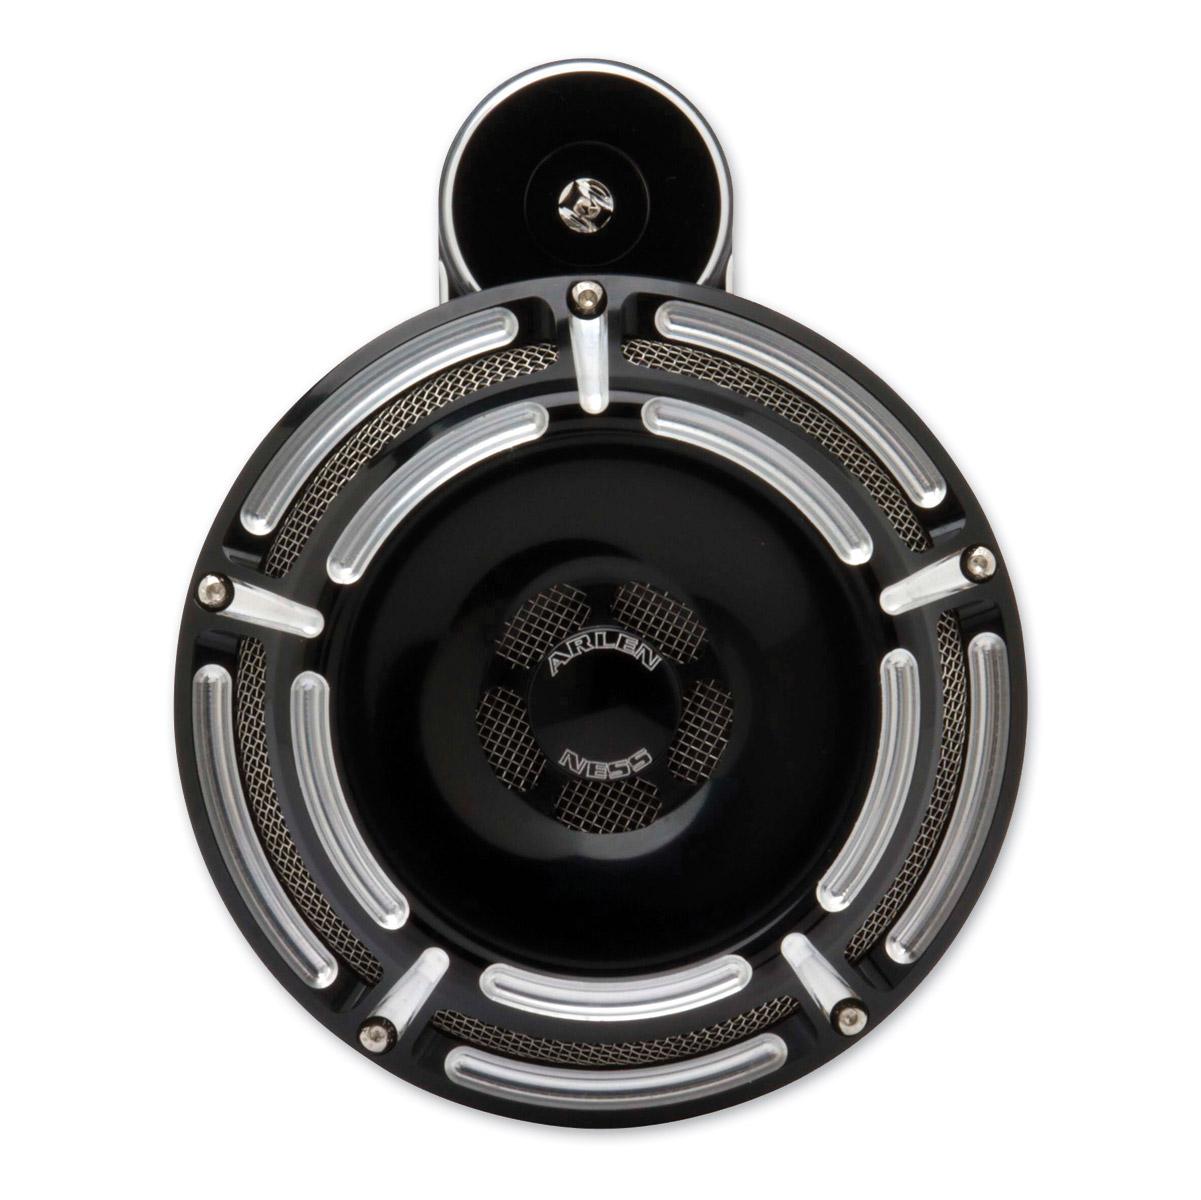 Arlen Ness Slot Track Black Universal Horn Kit